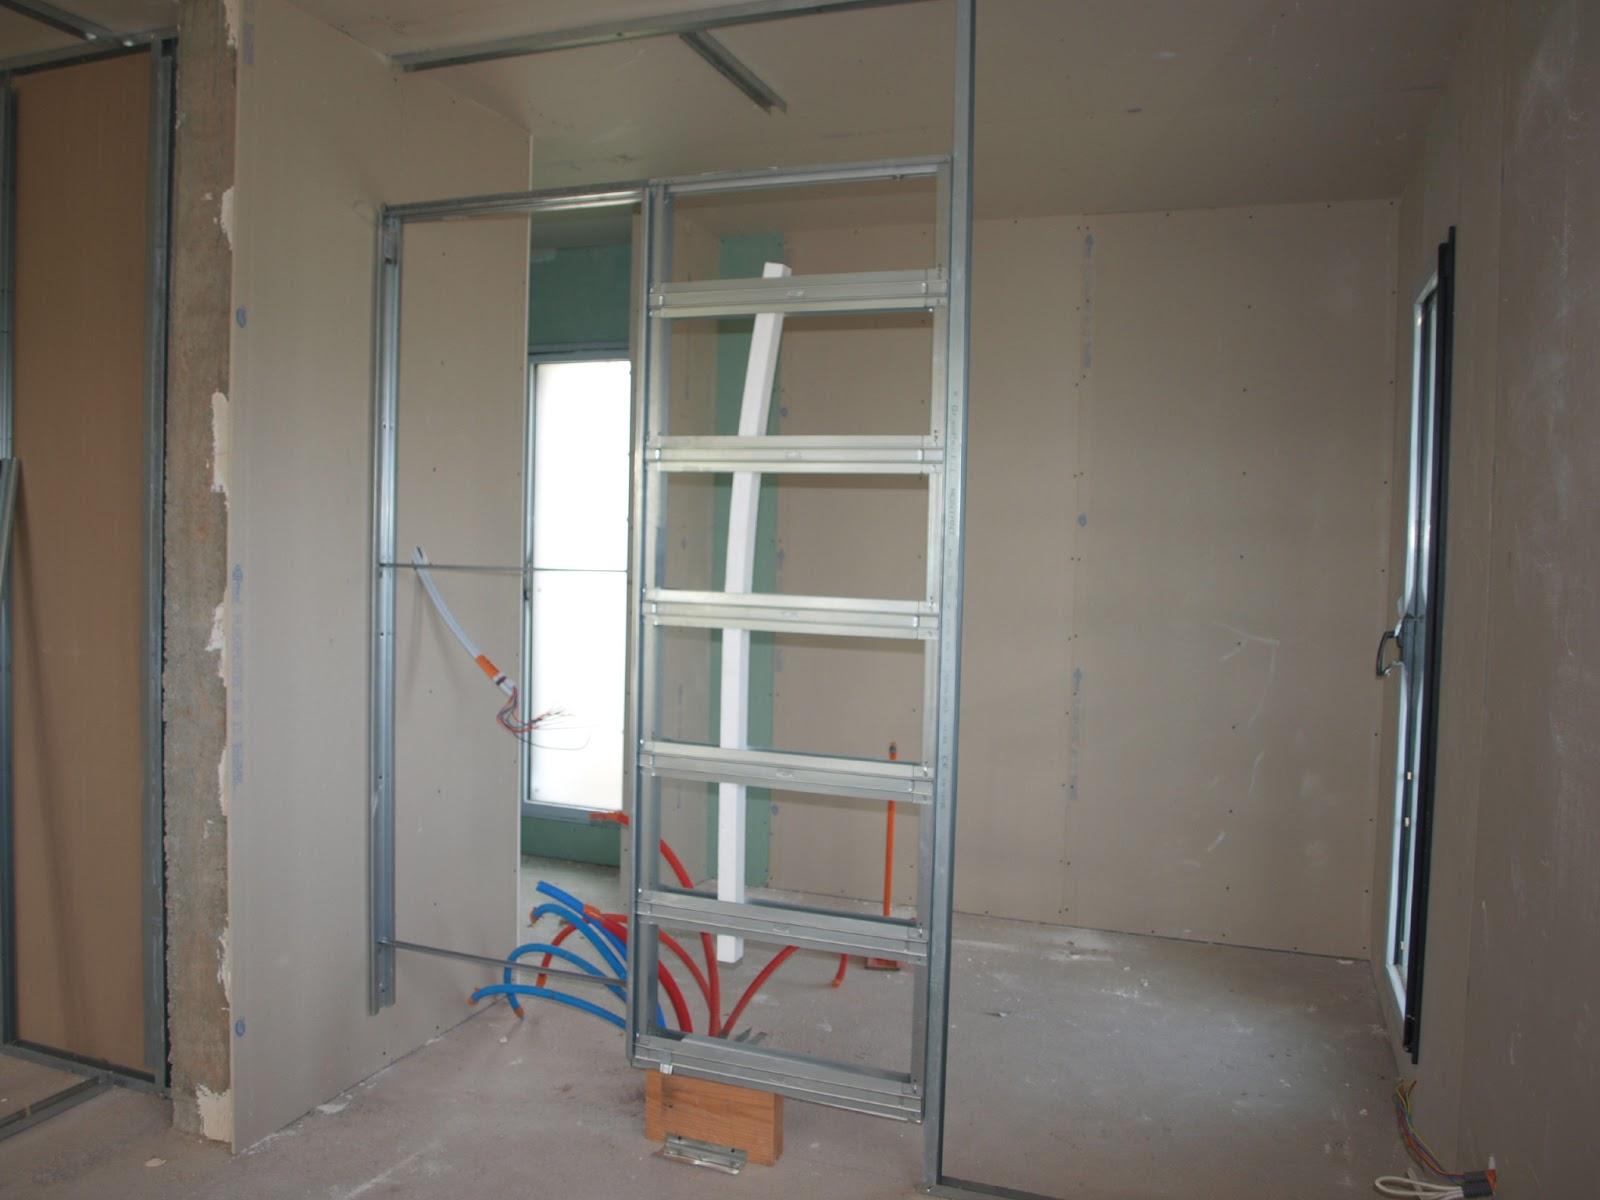 salle d eau 5m2 salle de bains carree m anglique blanc with salle d eau 5m2 salle de bain. Black Bedroom Furniture Sets. Home Design Ideas